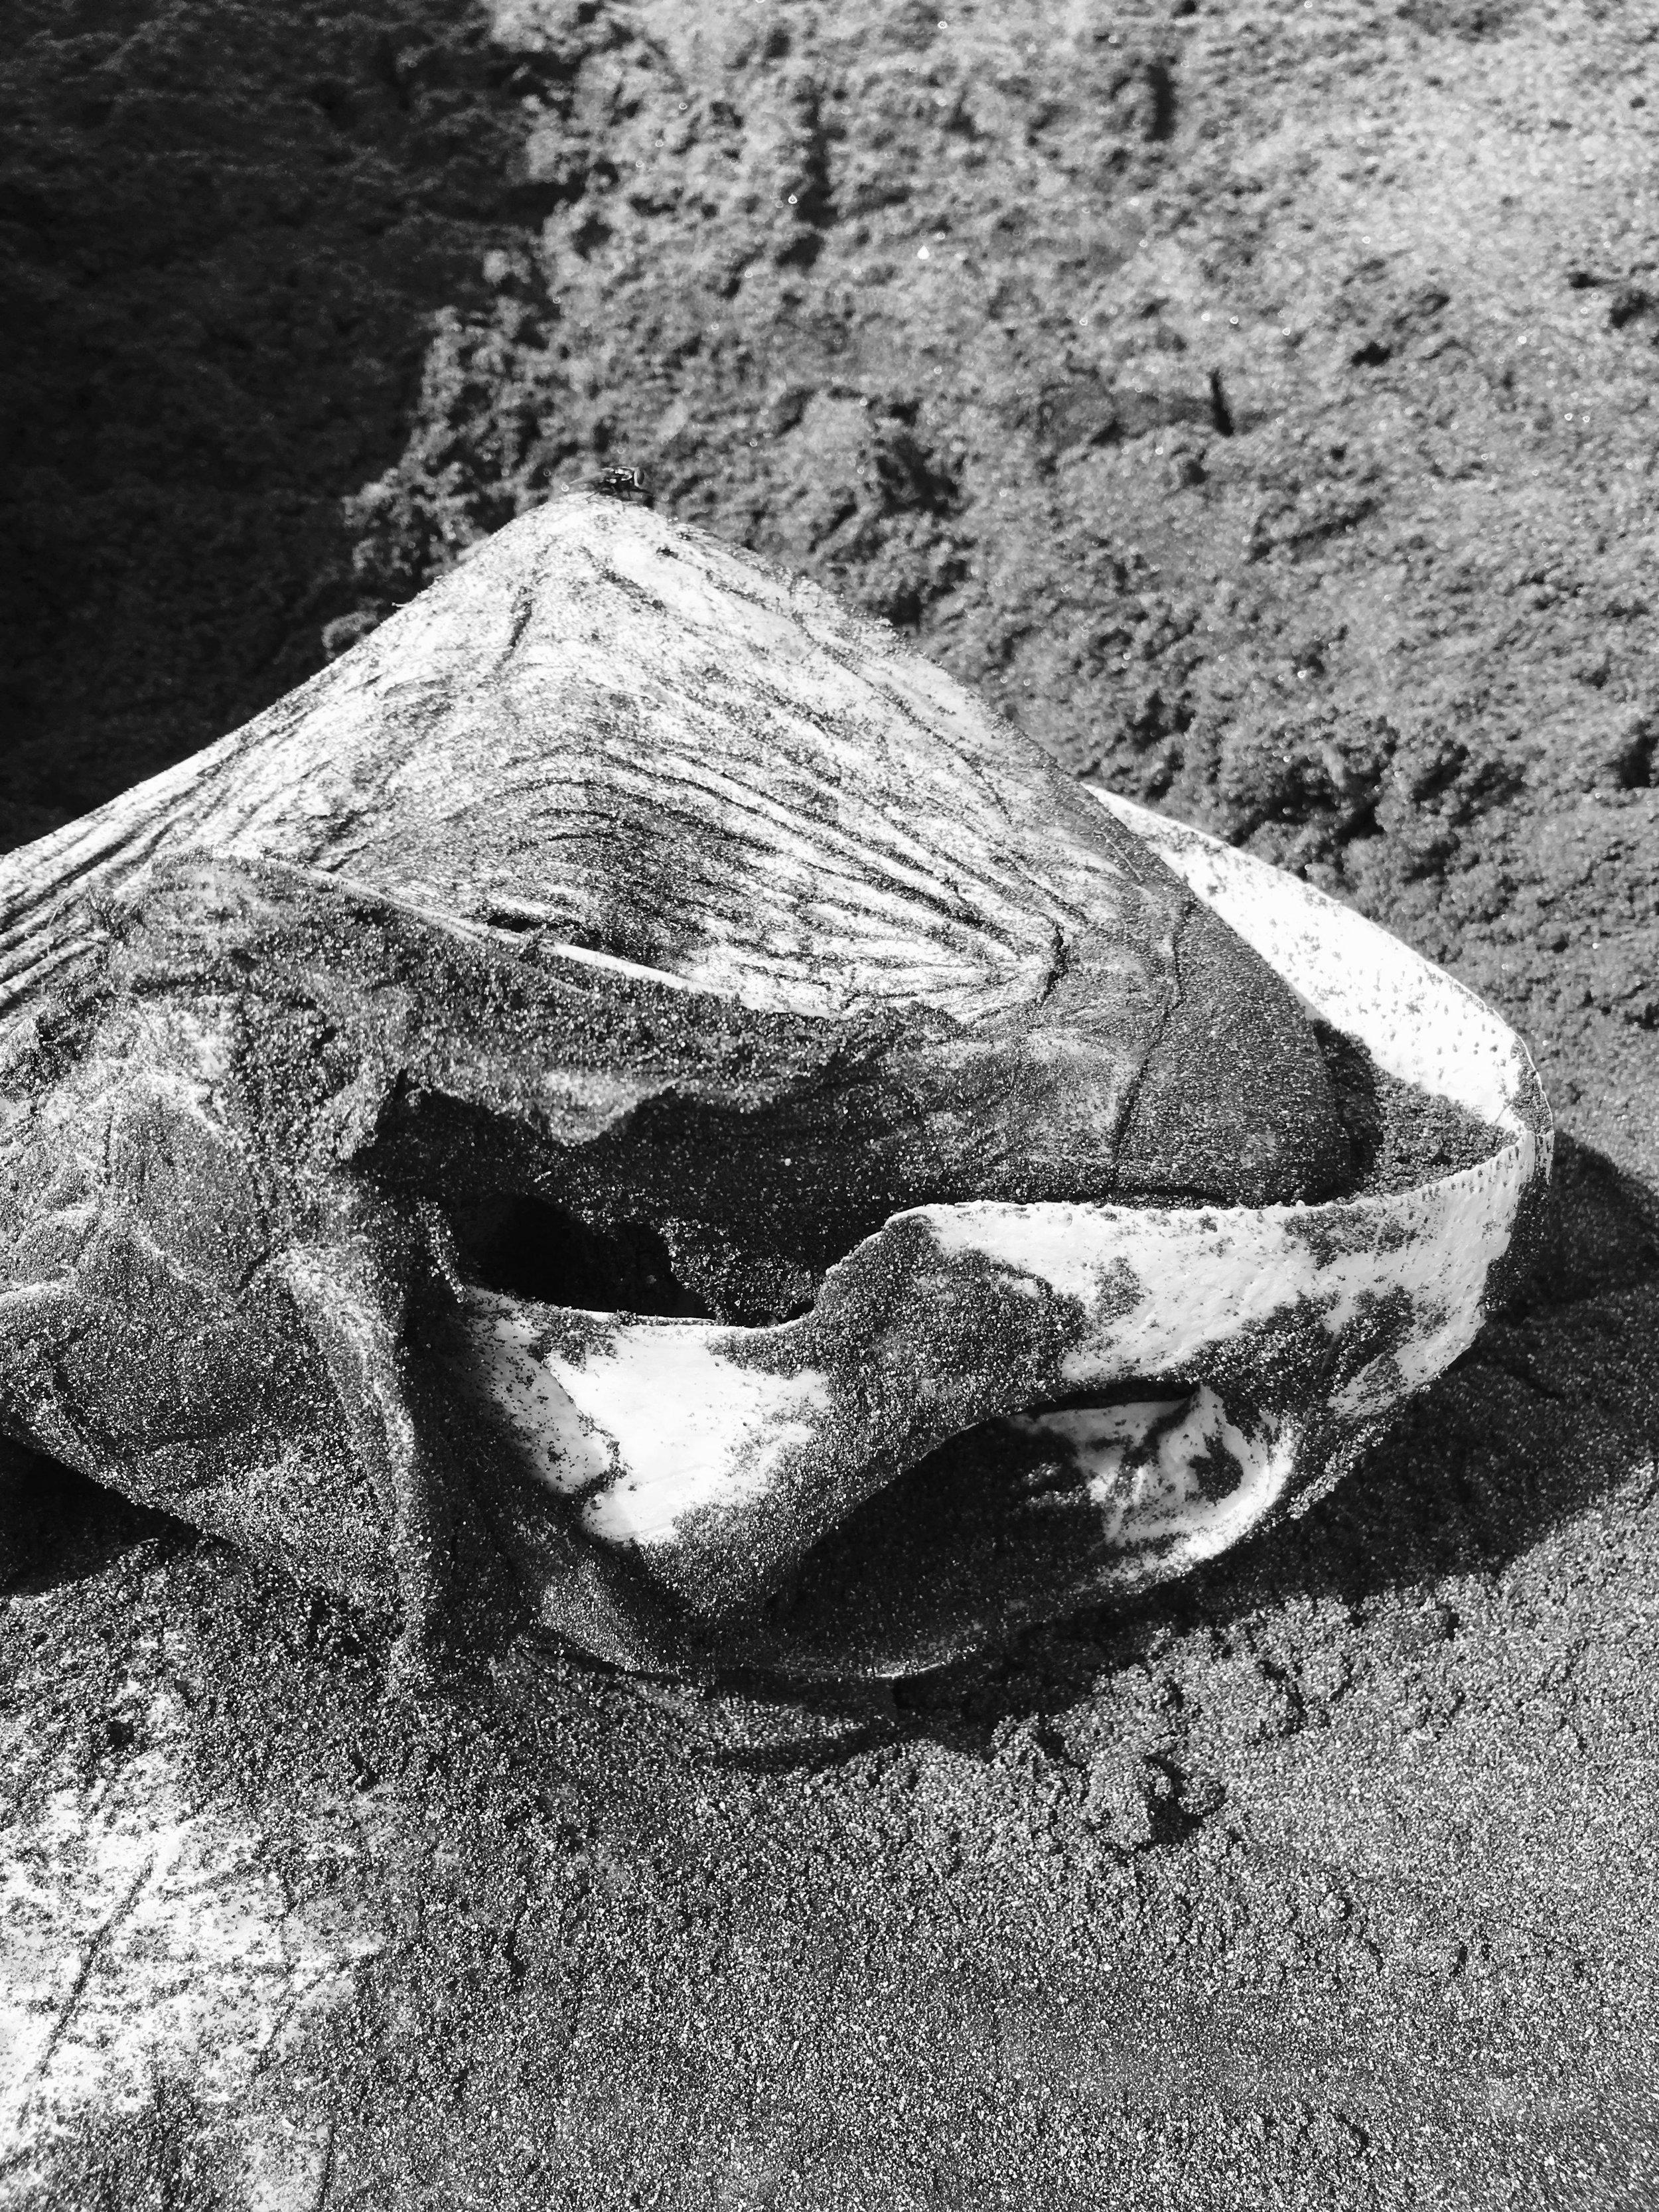 Tête d'une tortue sur la plage  Tortuguero, Costa Rica